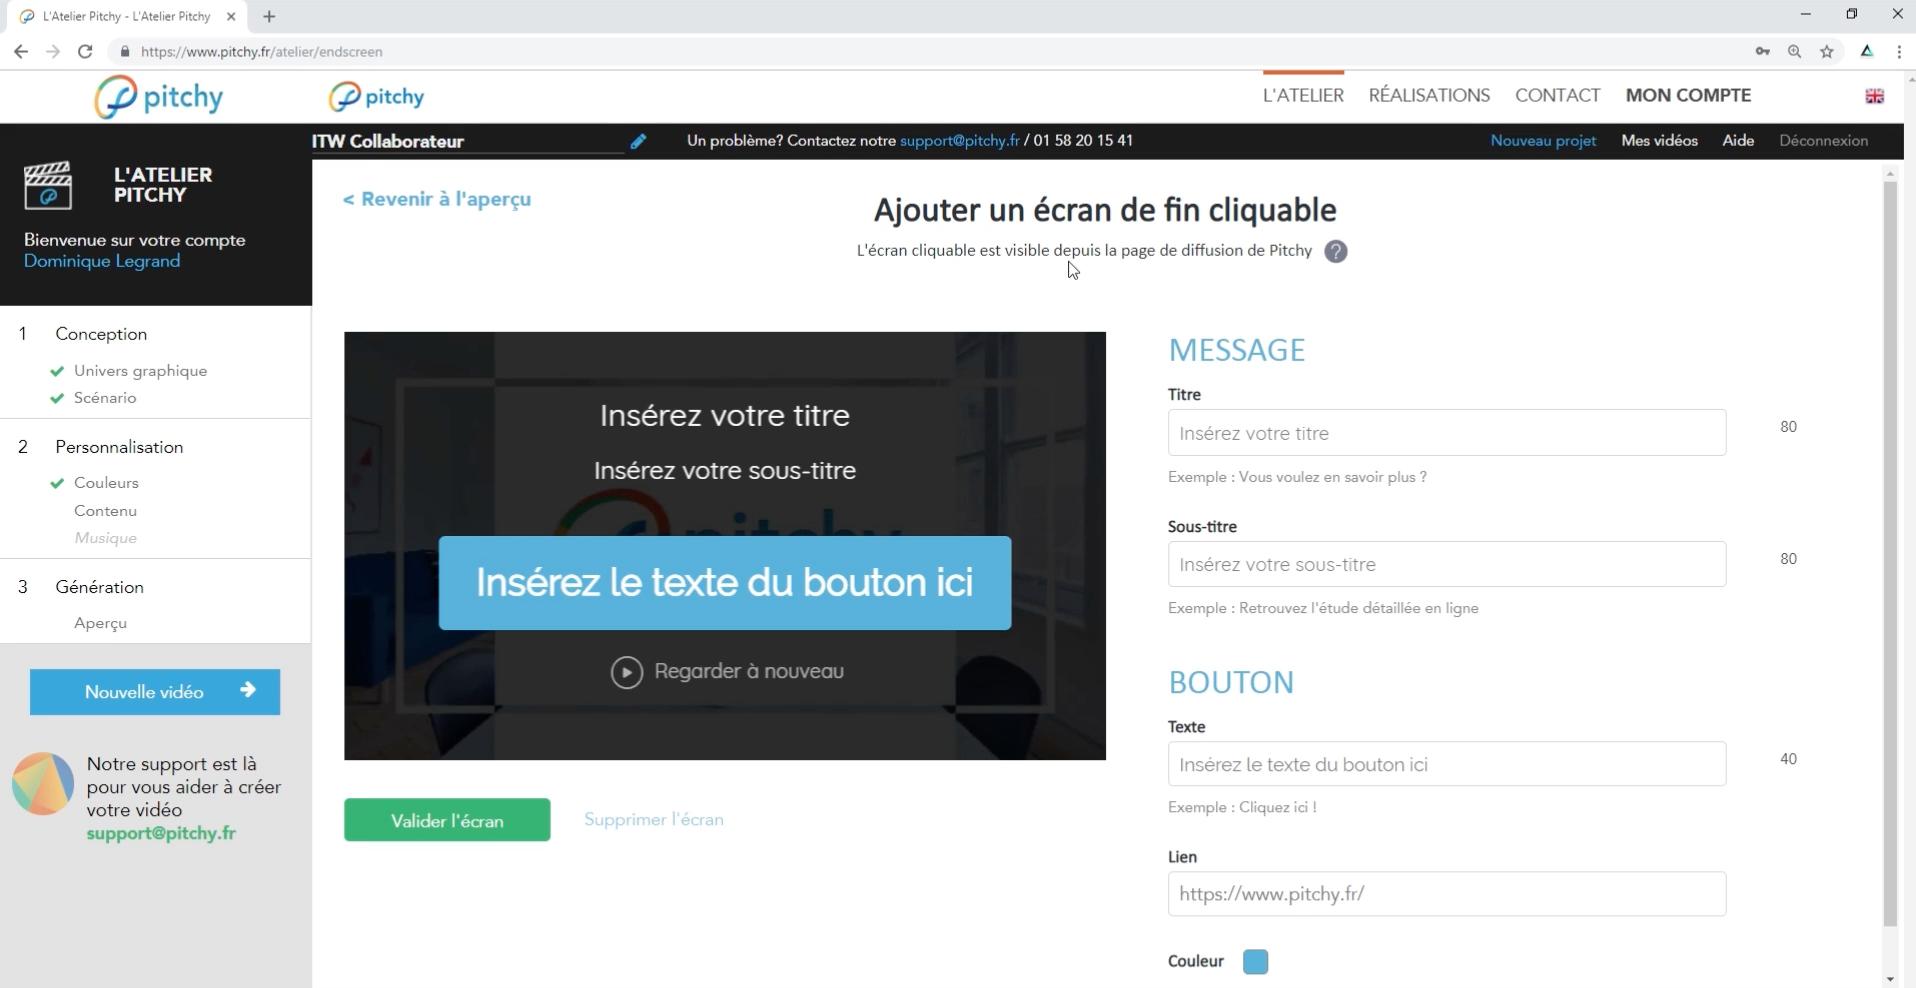 Une fois votre vidéo finalisée, ajoutez un écran de fin cliquable pour rediriger vers votre site